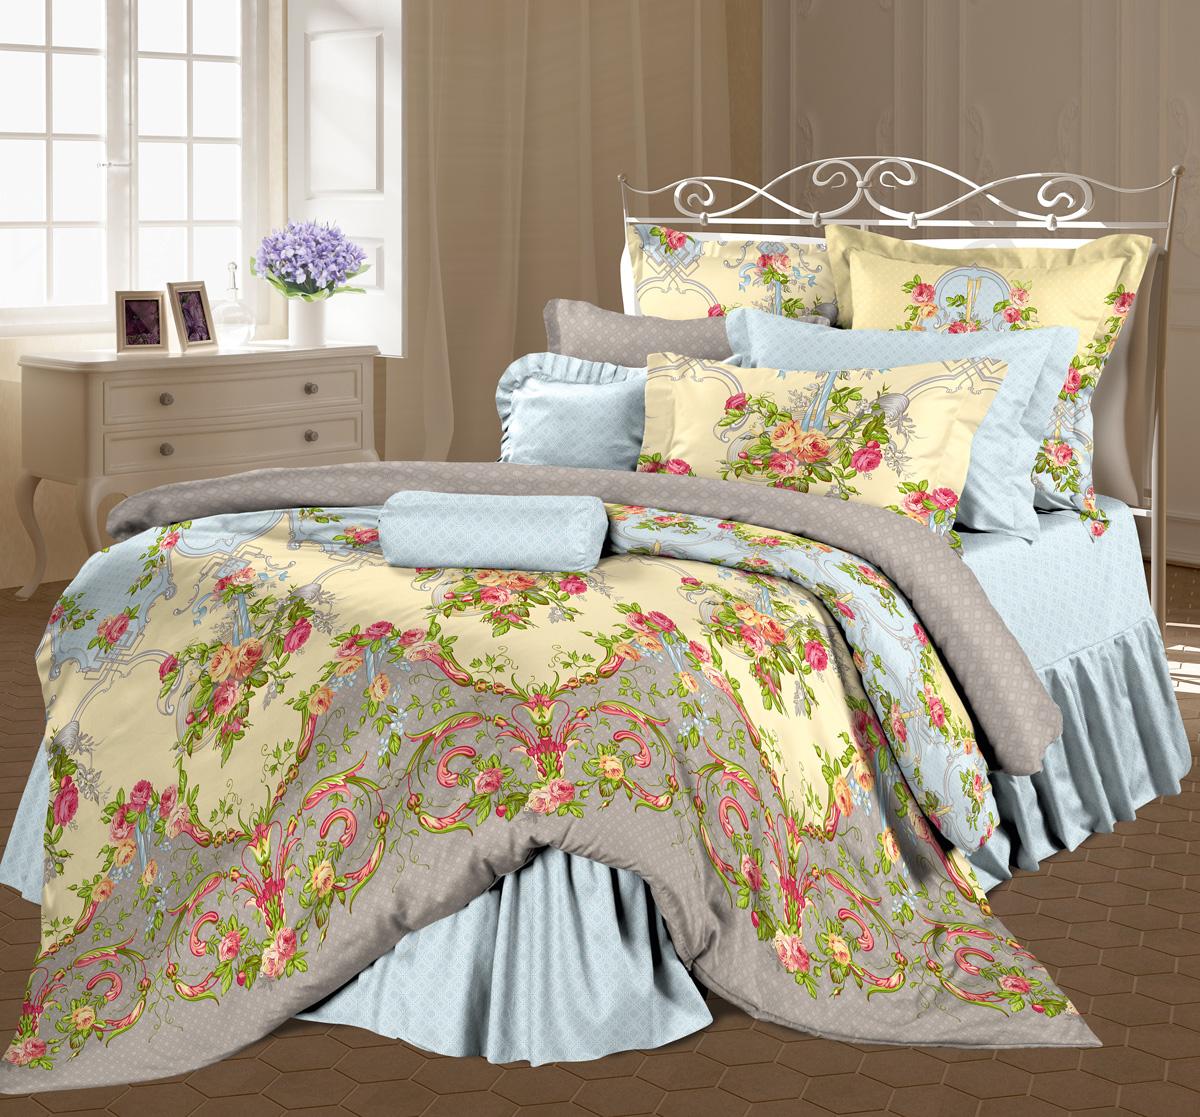 Комплект белья Романтика Антуанетта, евро, наволочки 50х70, цвет: голубой, зеленый, розовый. 319499CA-3505Роскошный комплект постельного белья Романтика Антуанетта выполнен из ткани Lux Перкаль, произведенной из натурального 100% хлопка. Ткань приятная на ощупь, при этом она прочная, хорошо сохраняет форму и легко гладится. Комплект состоит из пододеяльника, простыни и двух наволочек, оформленных цветочным принтом и узорам. Благодаря такому комплекту постельного белья вы создадите неповторимую и романтическую атмосферу в вашей спальне.